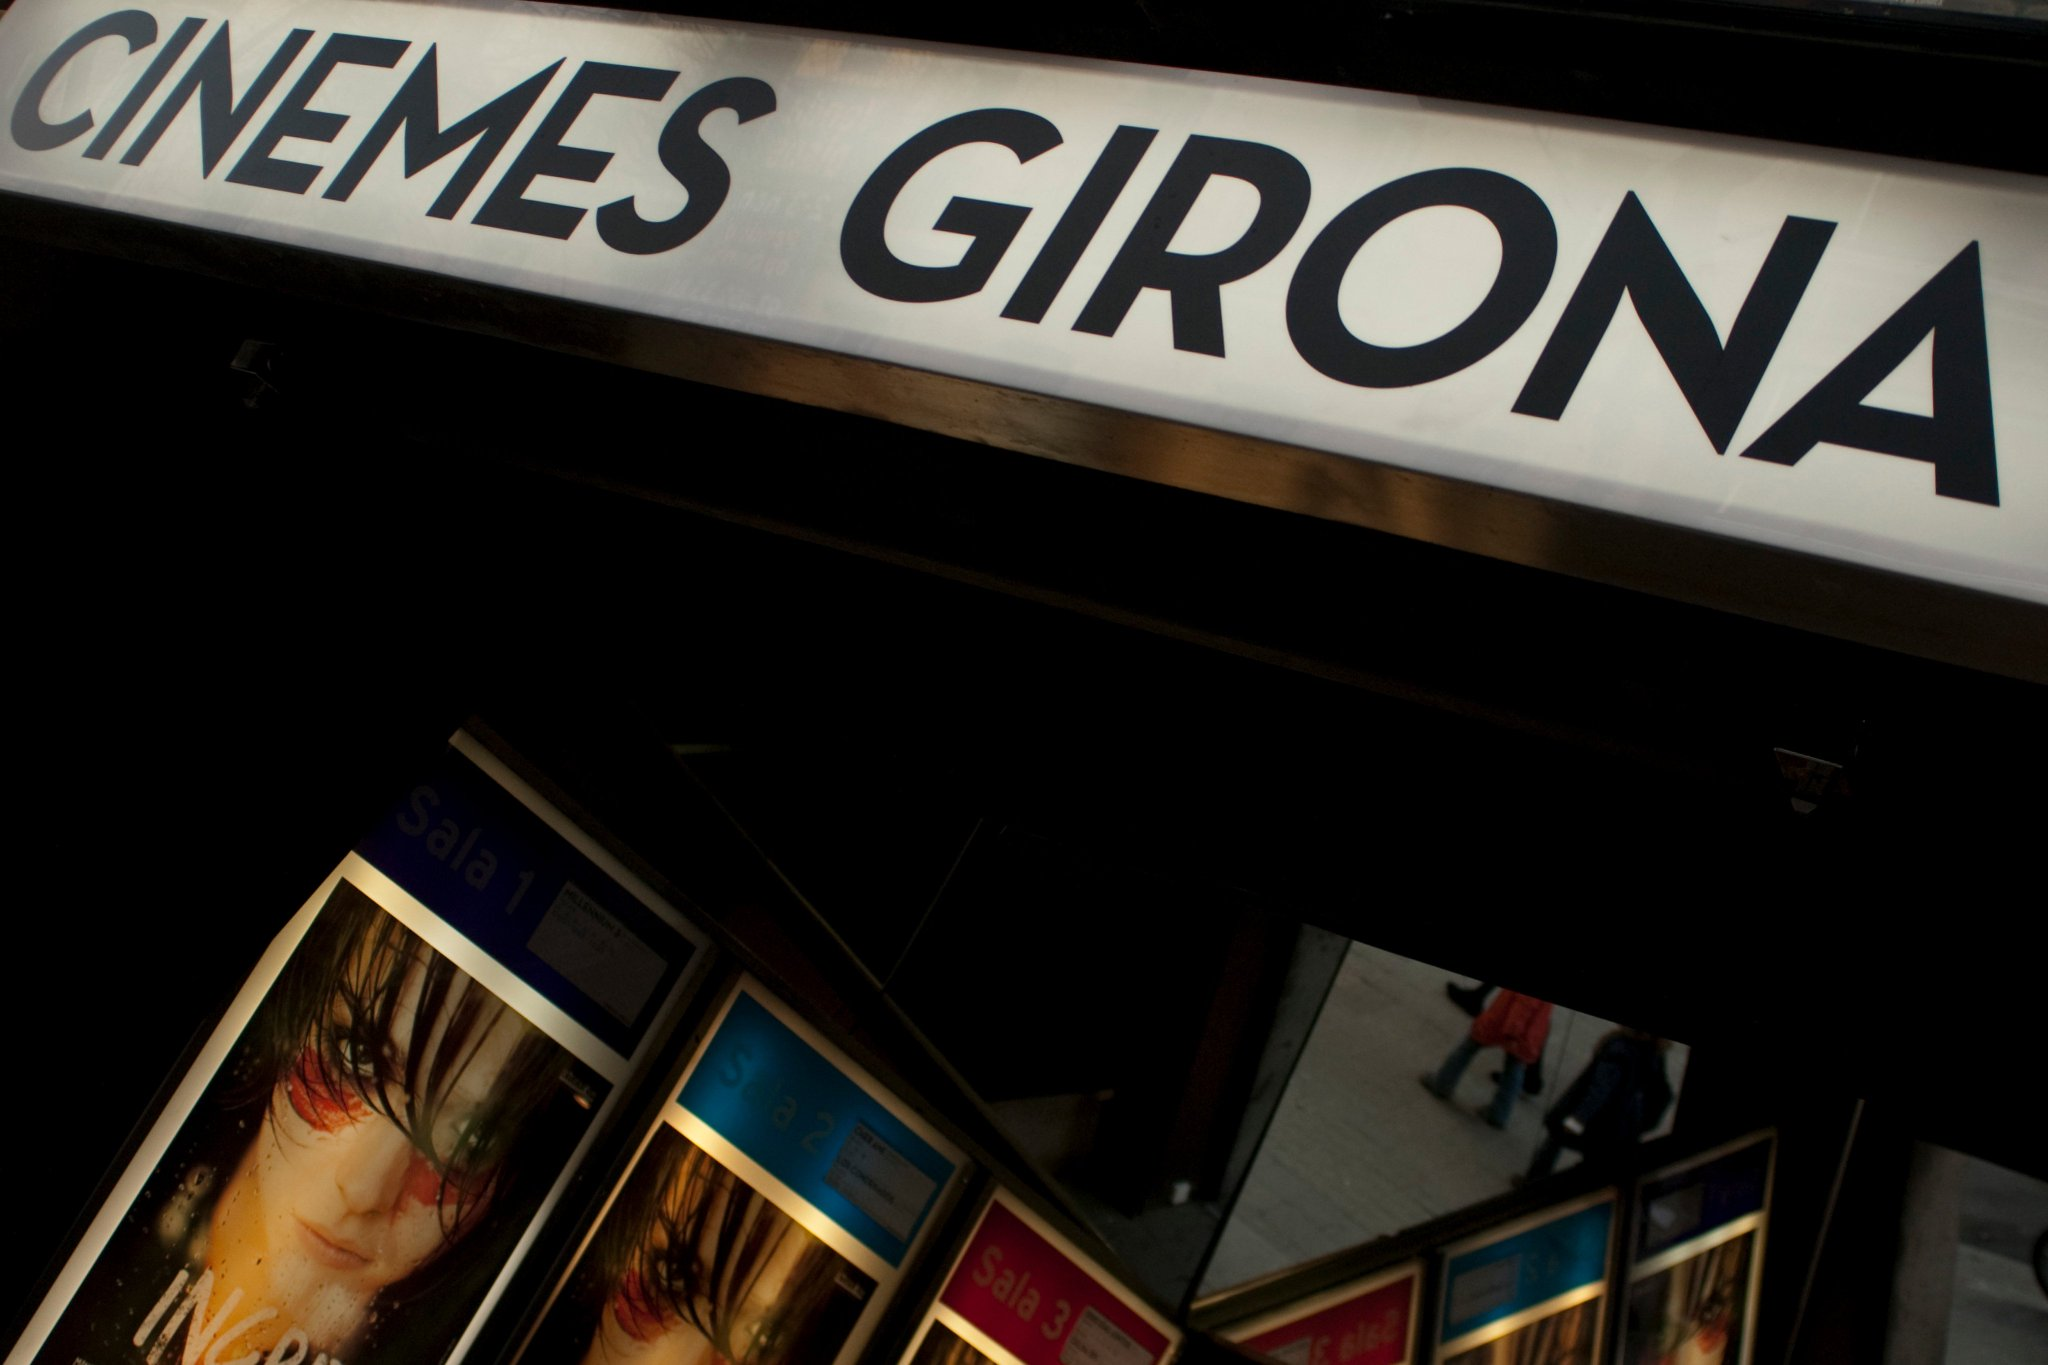 ¿Un año de cine por 59 euros? https://t.co/rOr3CtV9zs El milagro es posible en @Cinemes_Girona Ojalá hubiera más cines así https://t.co/7PLqSqkHWd